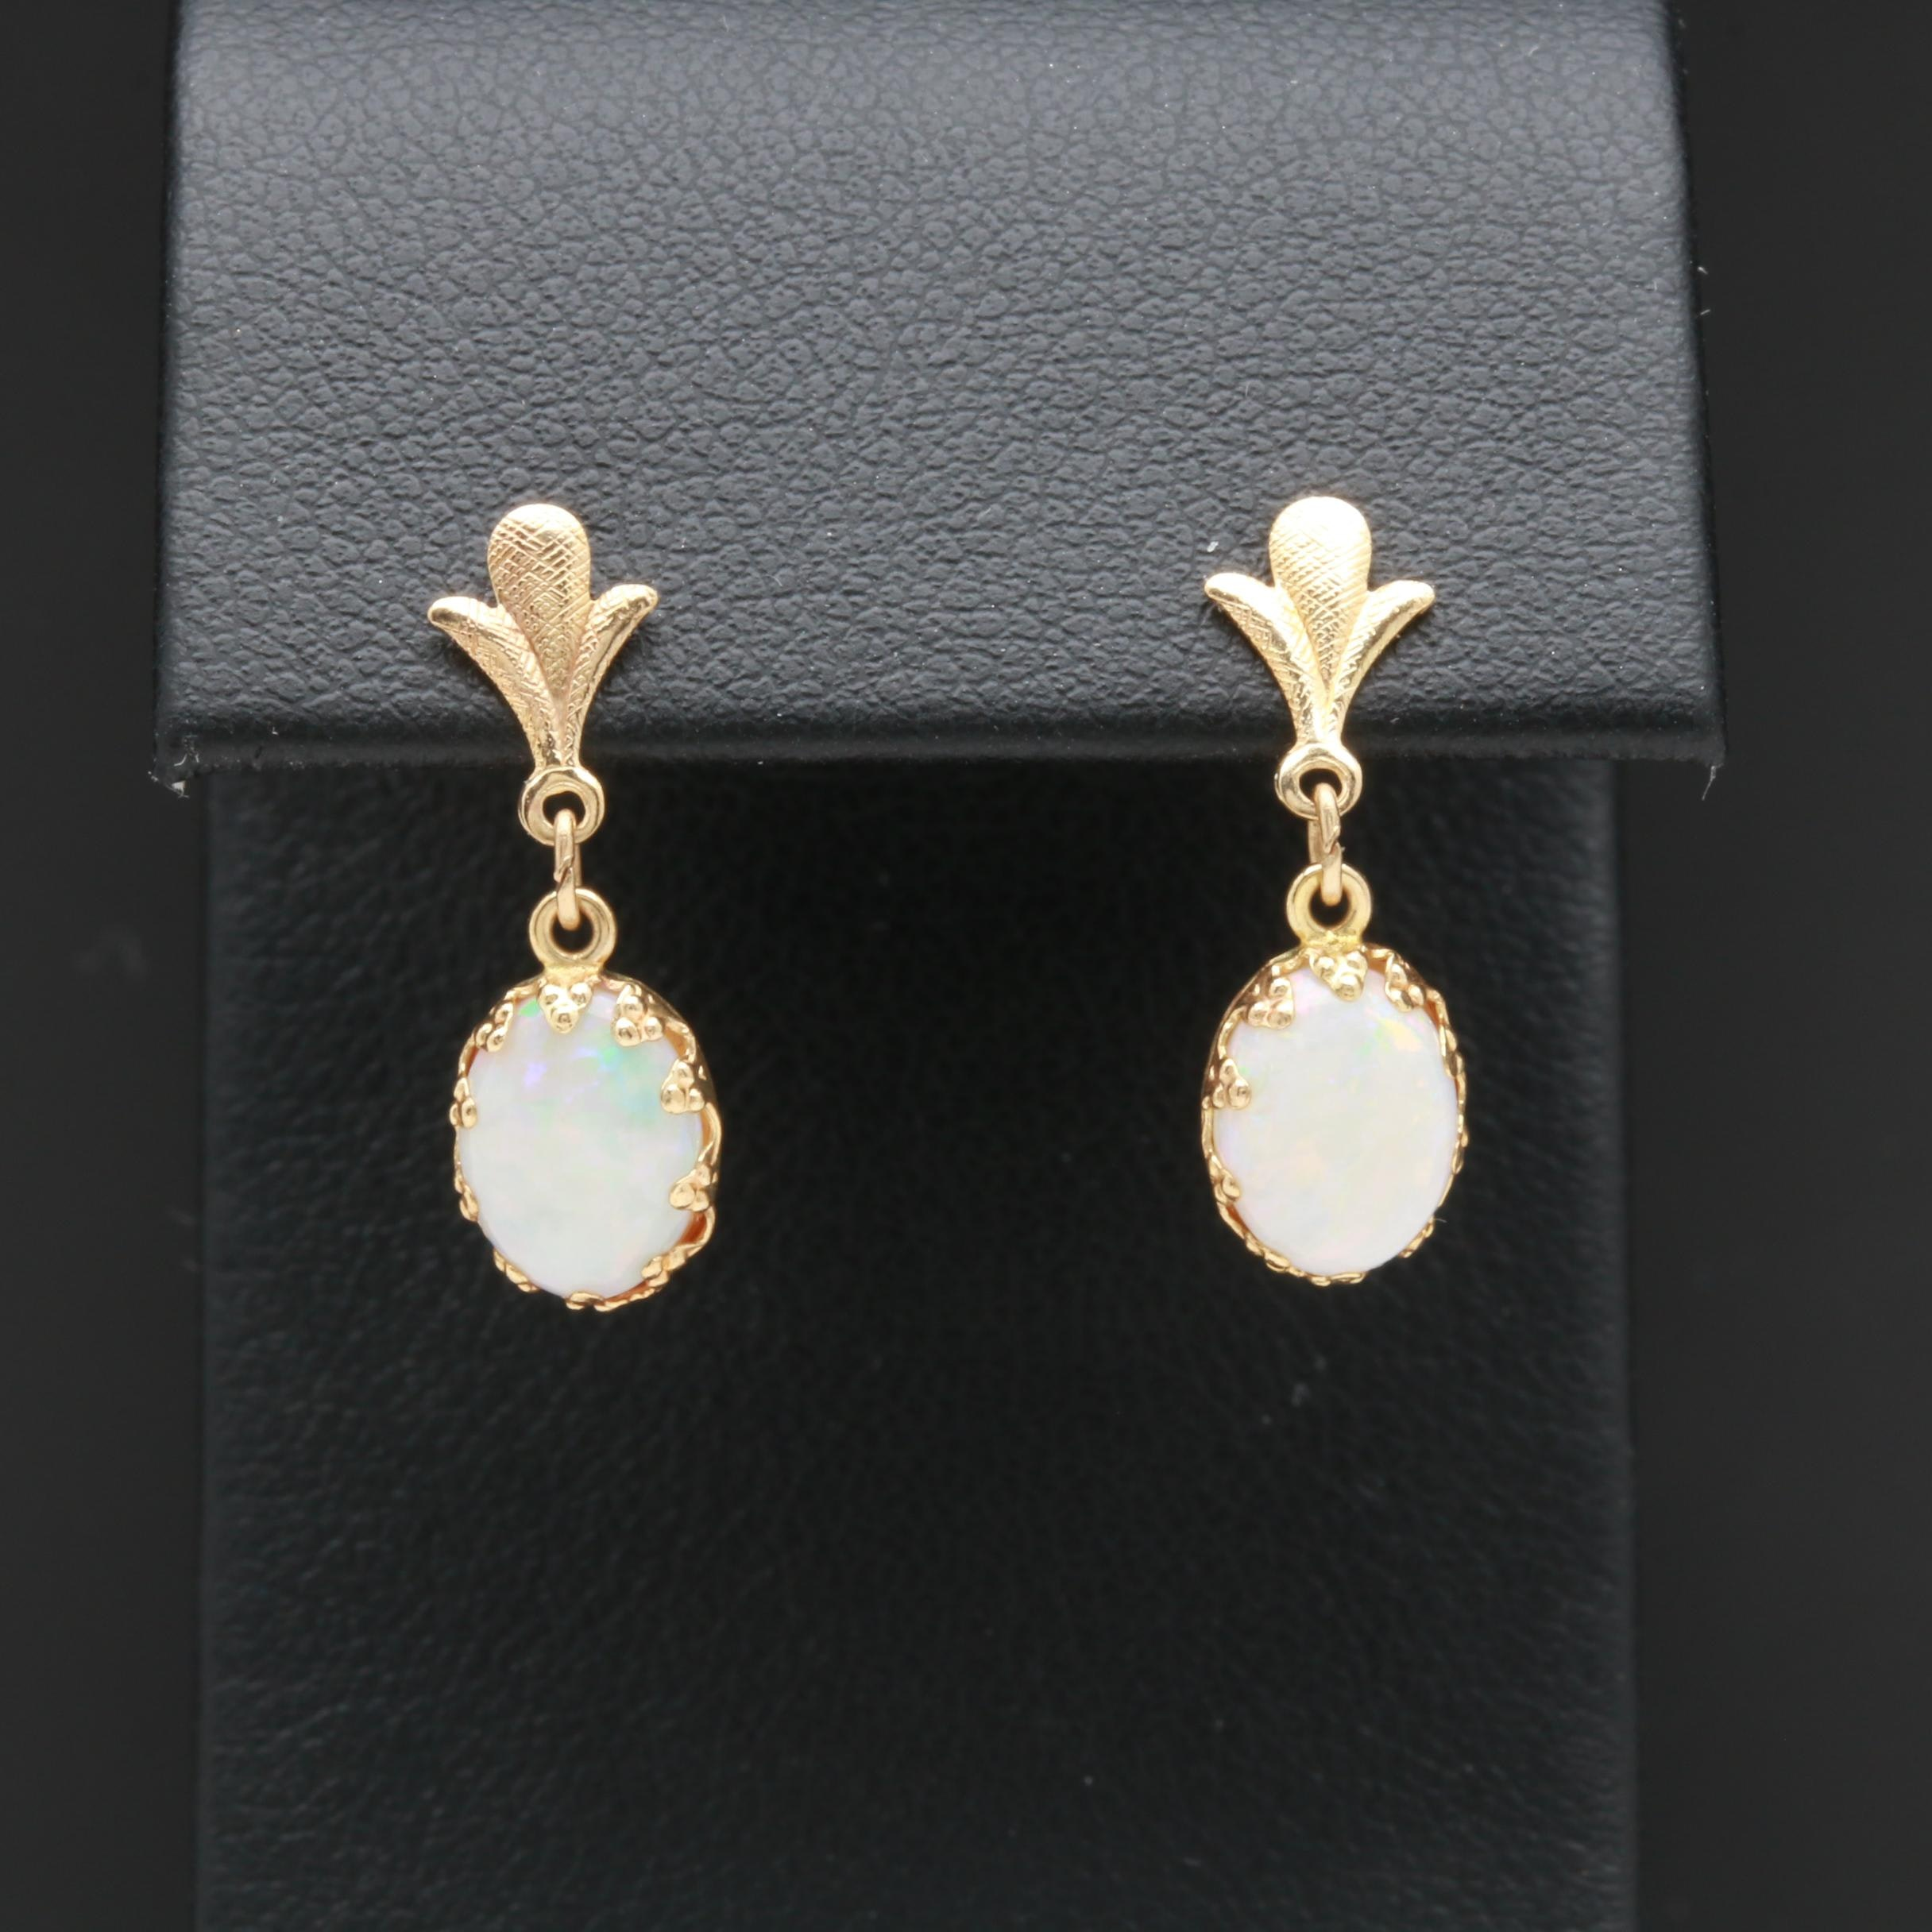 14K Yellow Gold Opal Earrings